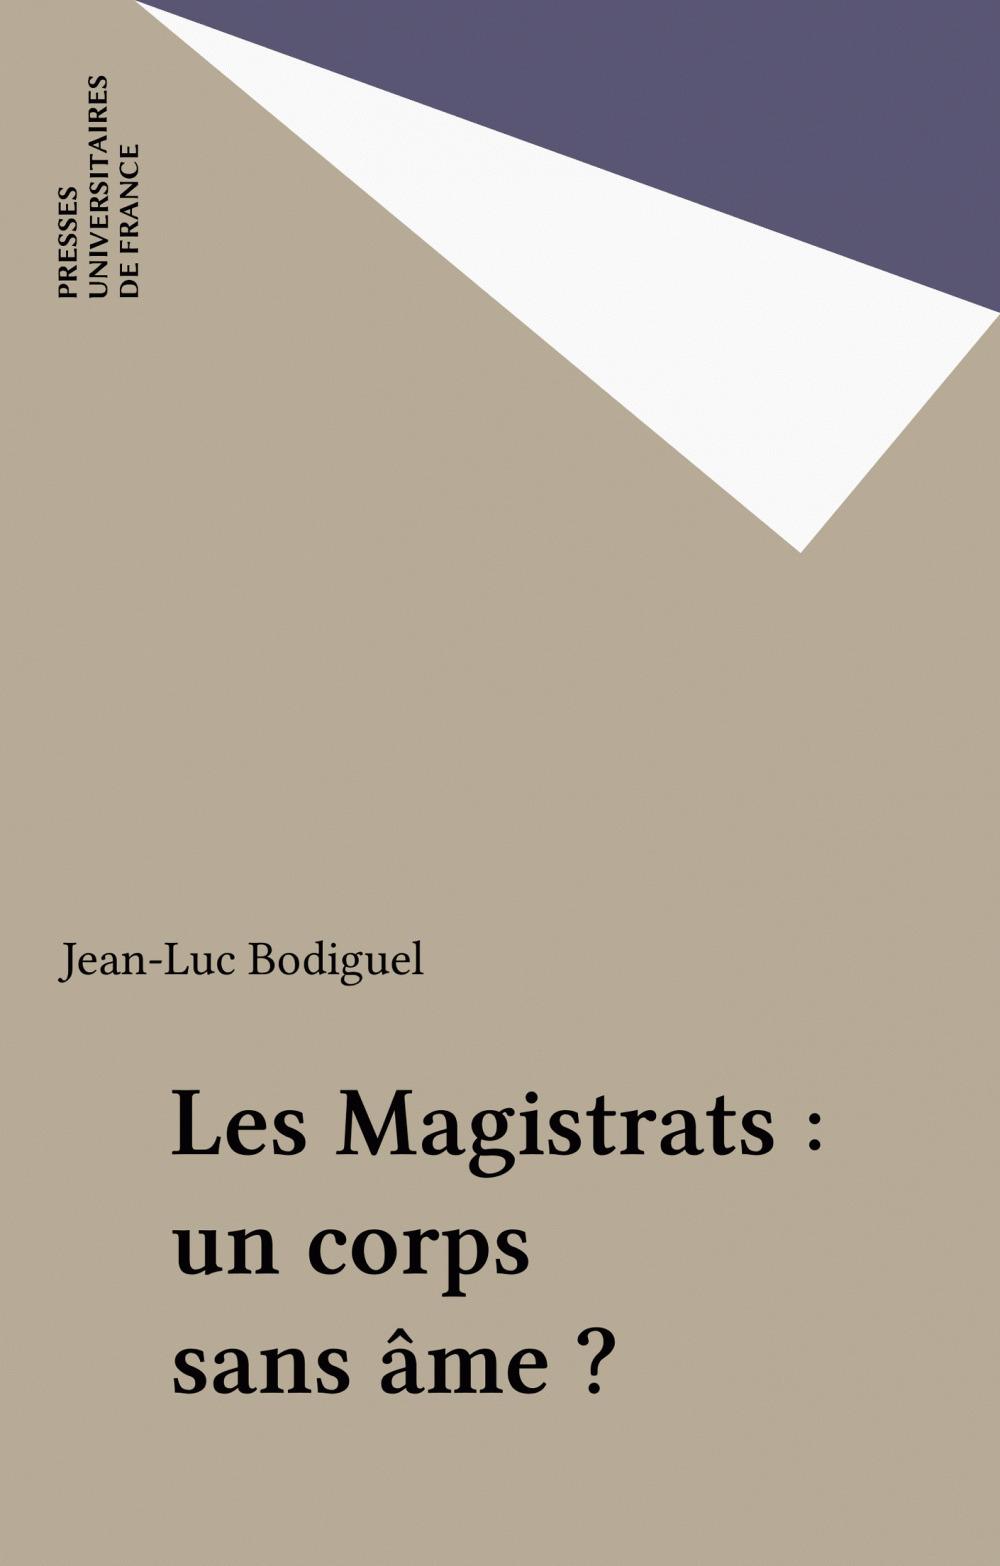 Les Magistrats : un corps sans âme ?